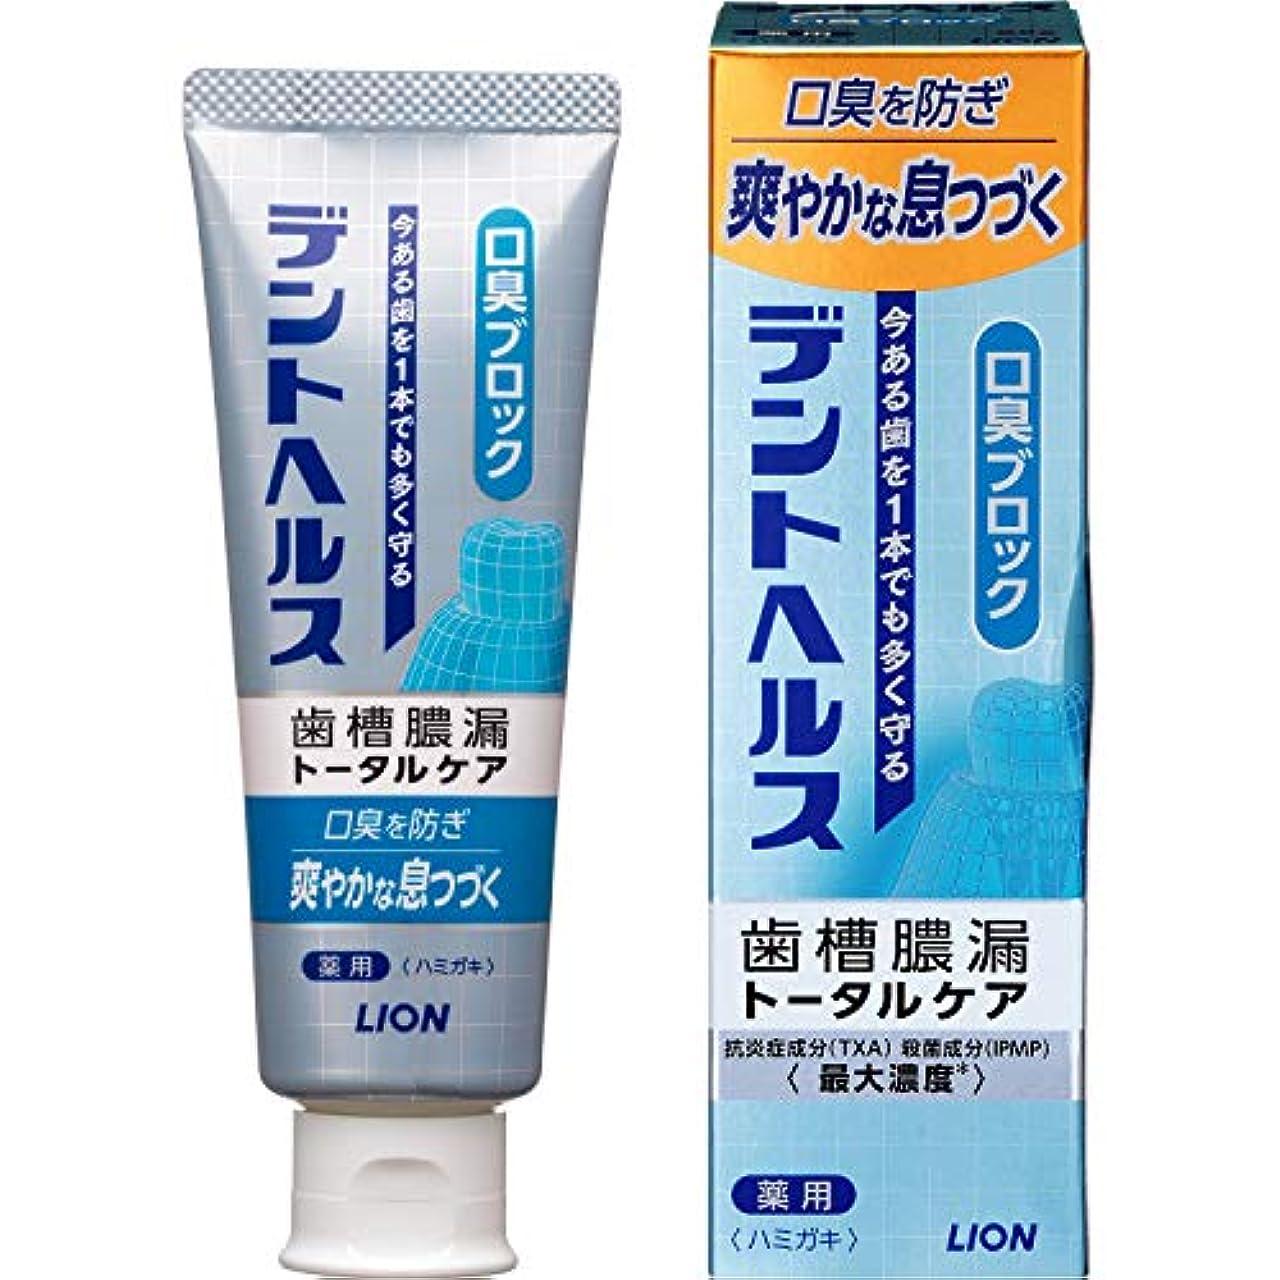 降雨回復アライメント歯槽膿漏予防に デントヘルス 薬用ハミガキ 口臭ブロック 85g